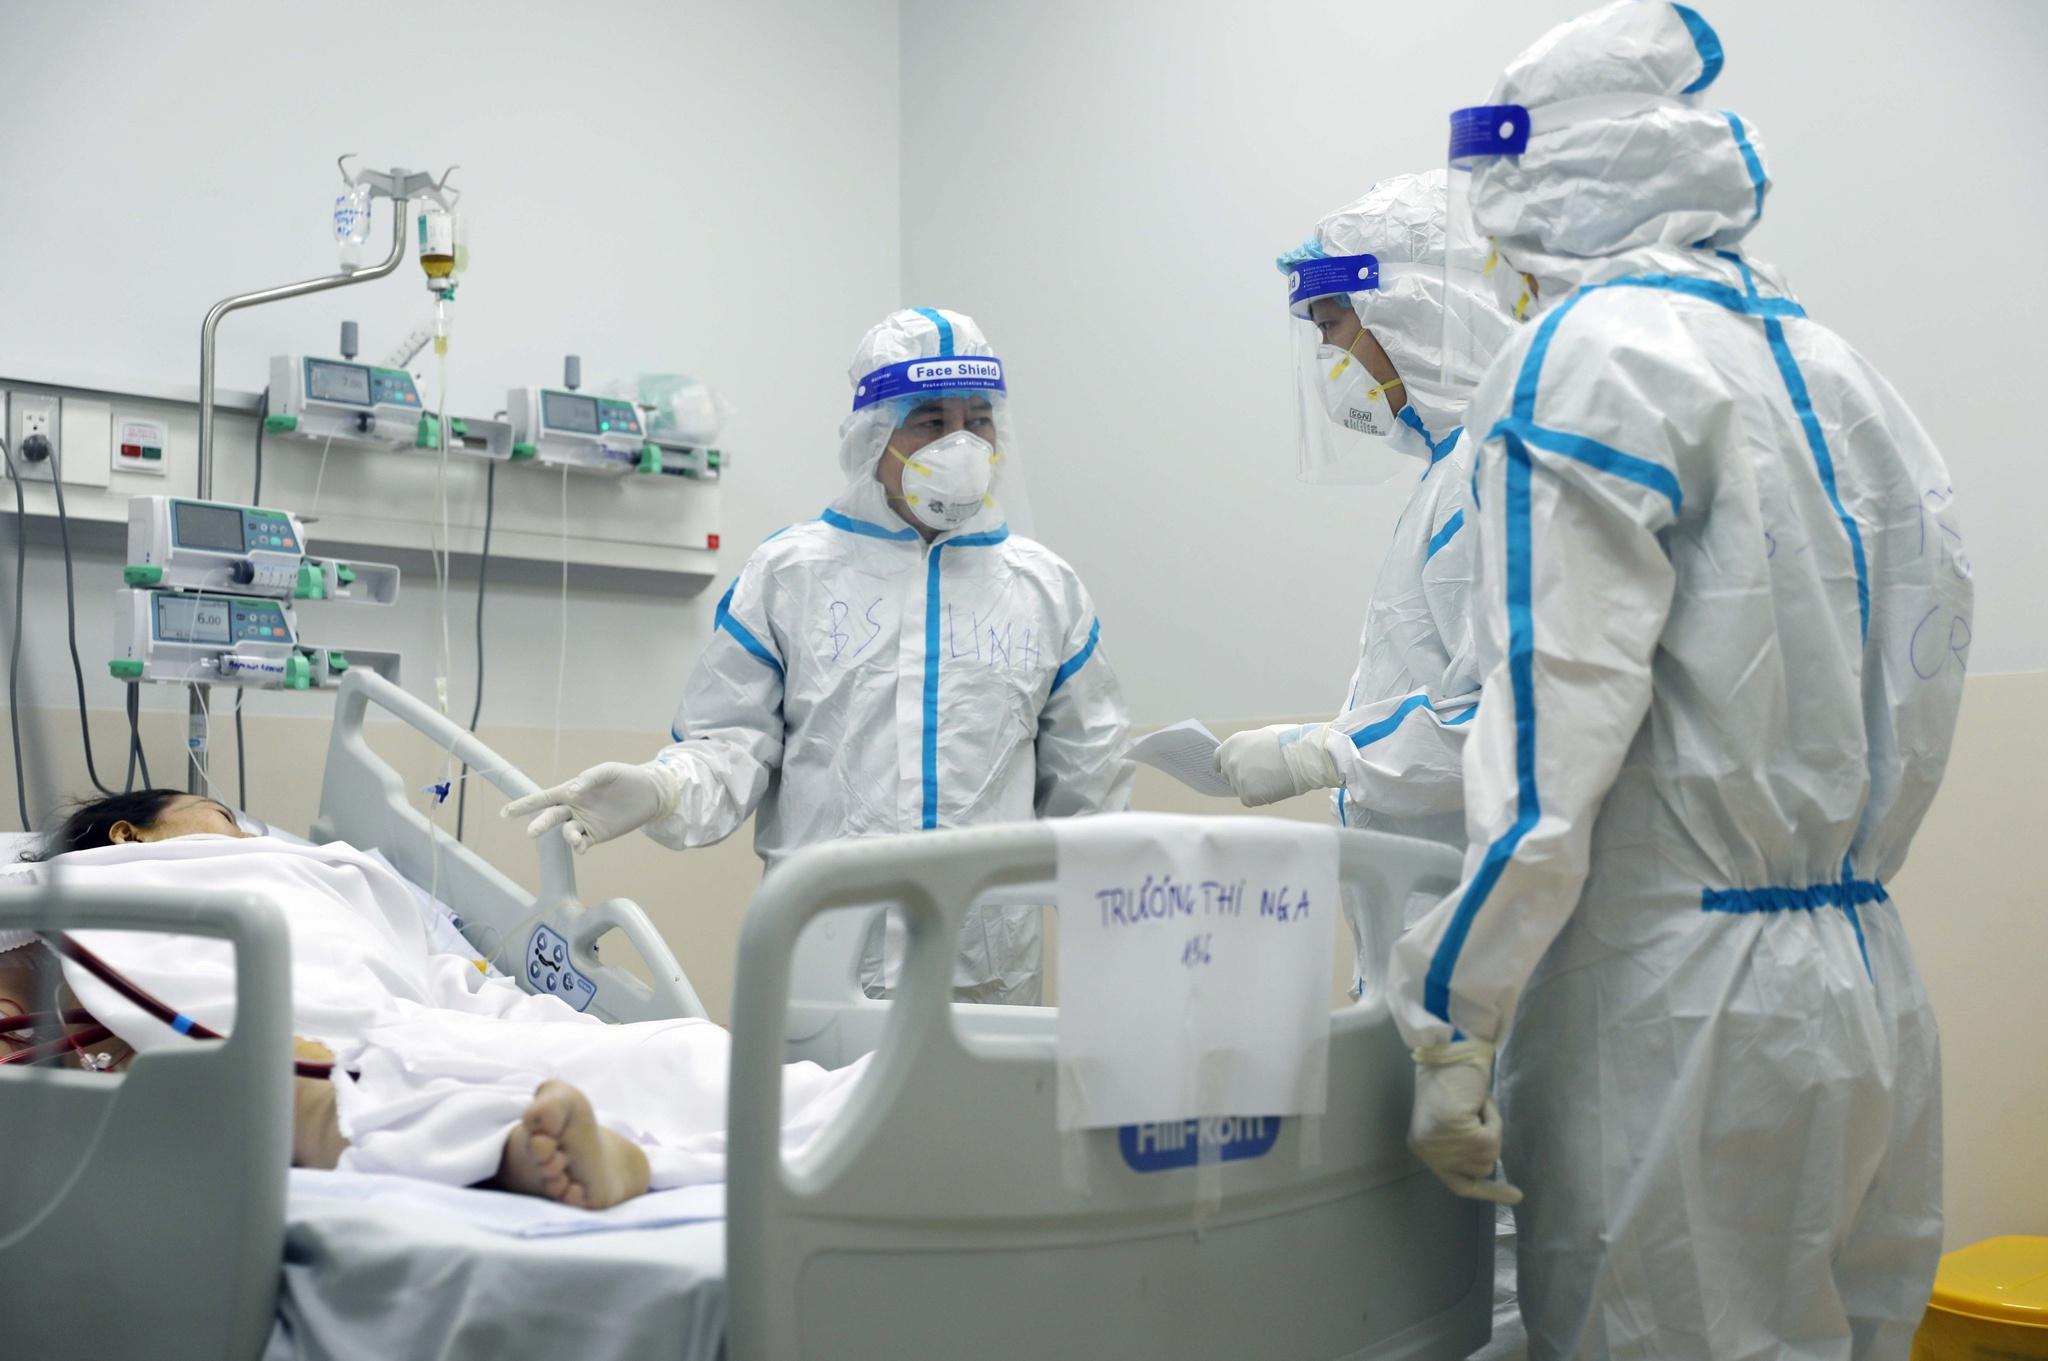 Bệnh viện Hồi sức Covid-19 được lập ra là hướng đi đúng đắn trong giai đoạn hiện nay /// ẢNH: NGỌC DƯƠNG